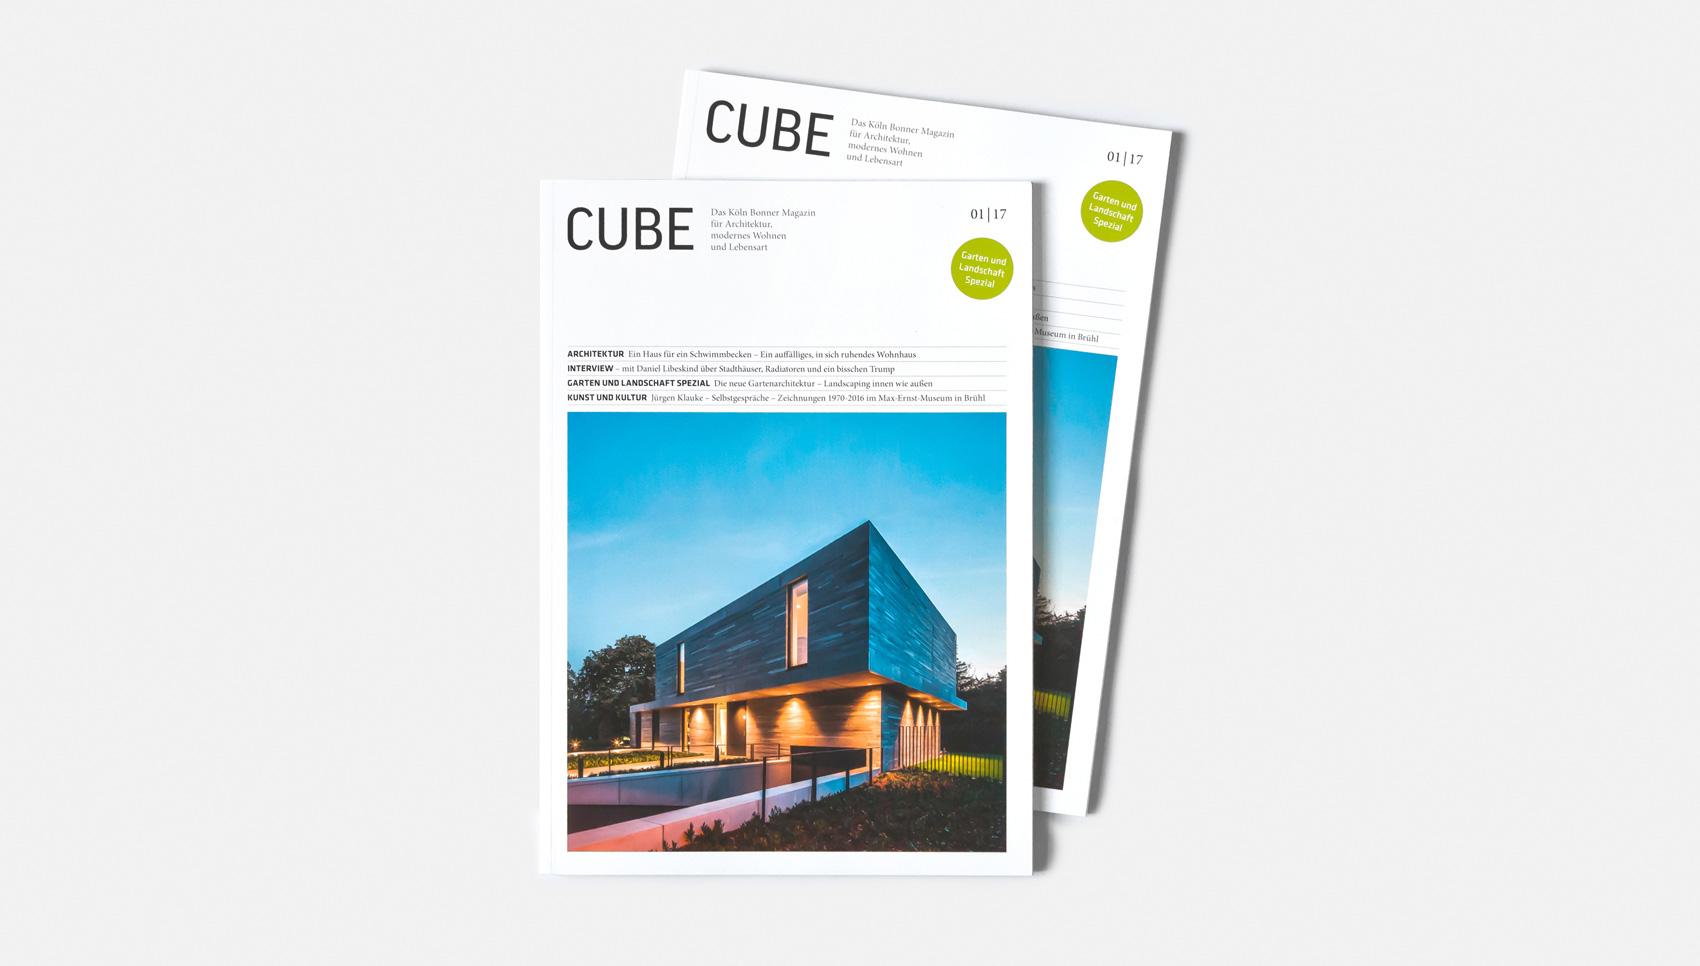 Der Rhein im Cube Magazin 01/17 — res d – design und architektur